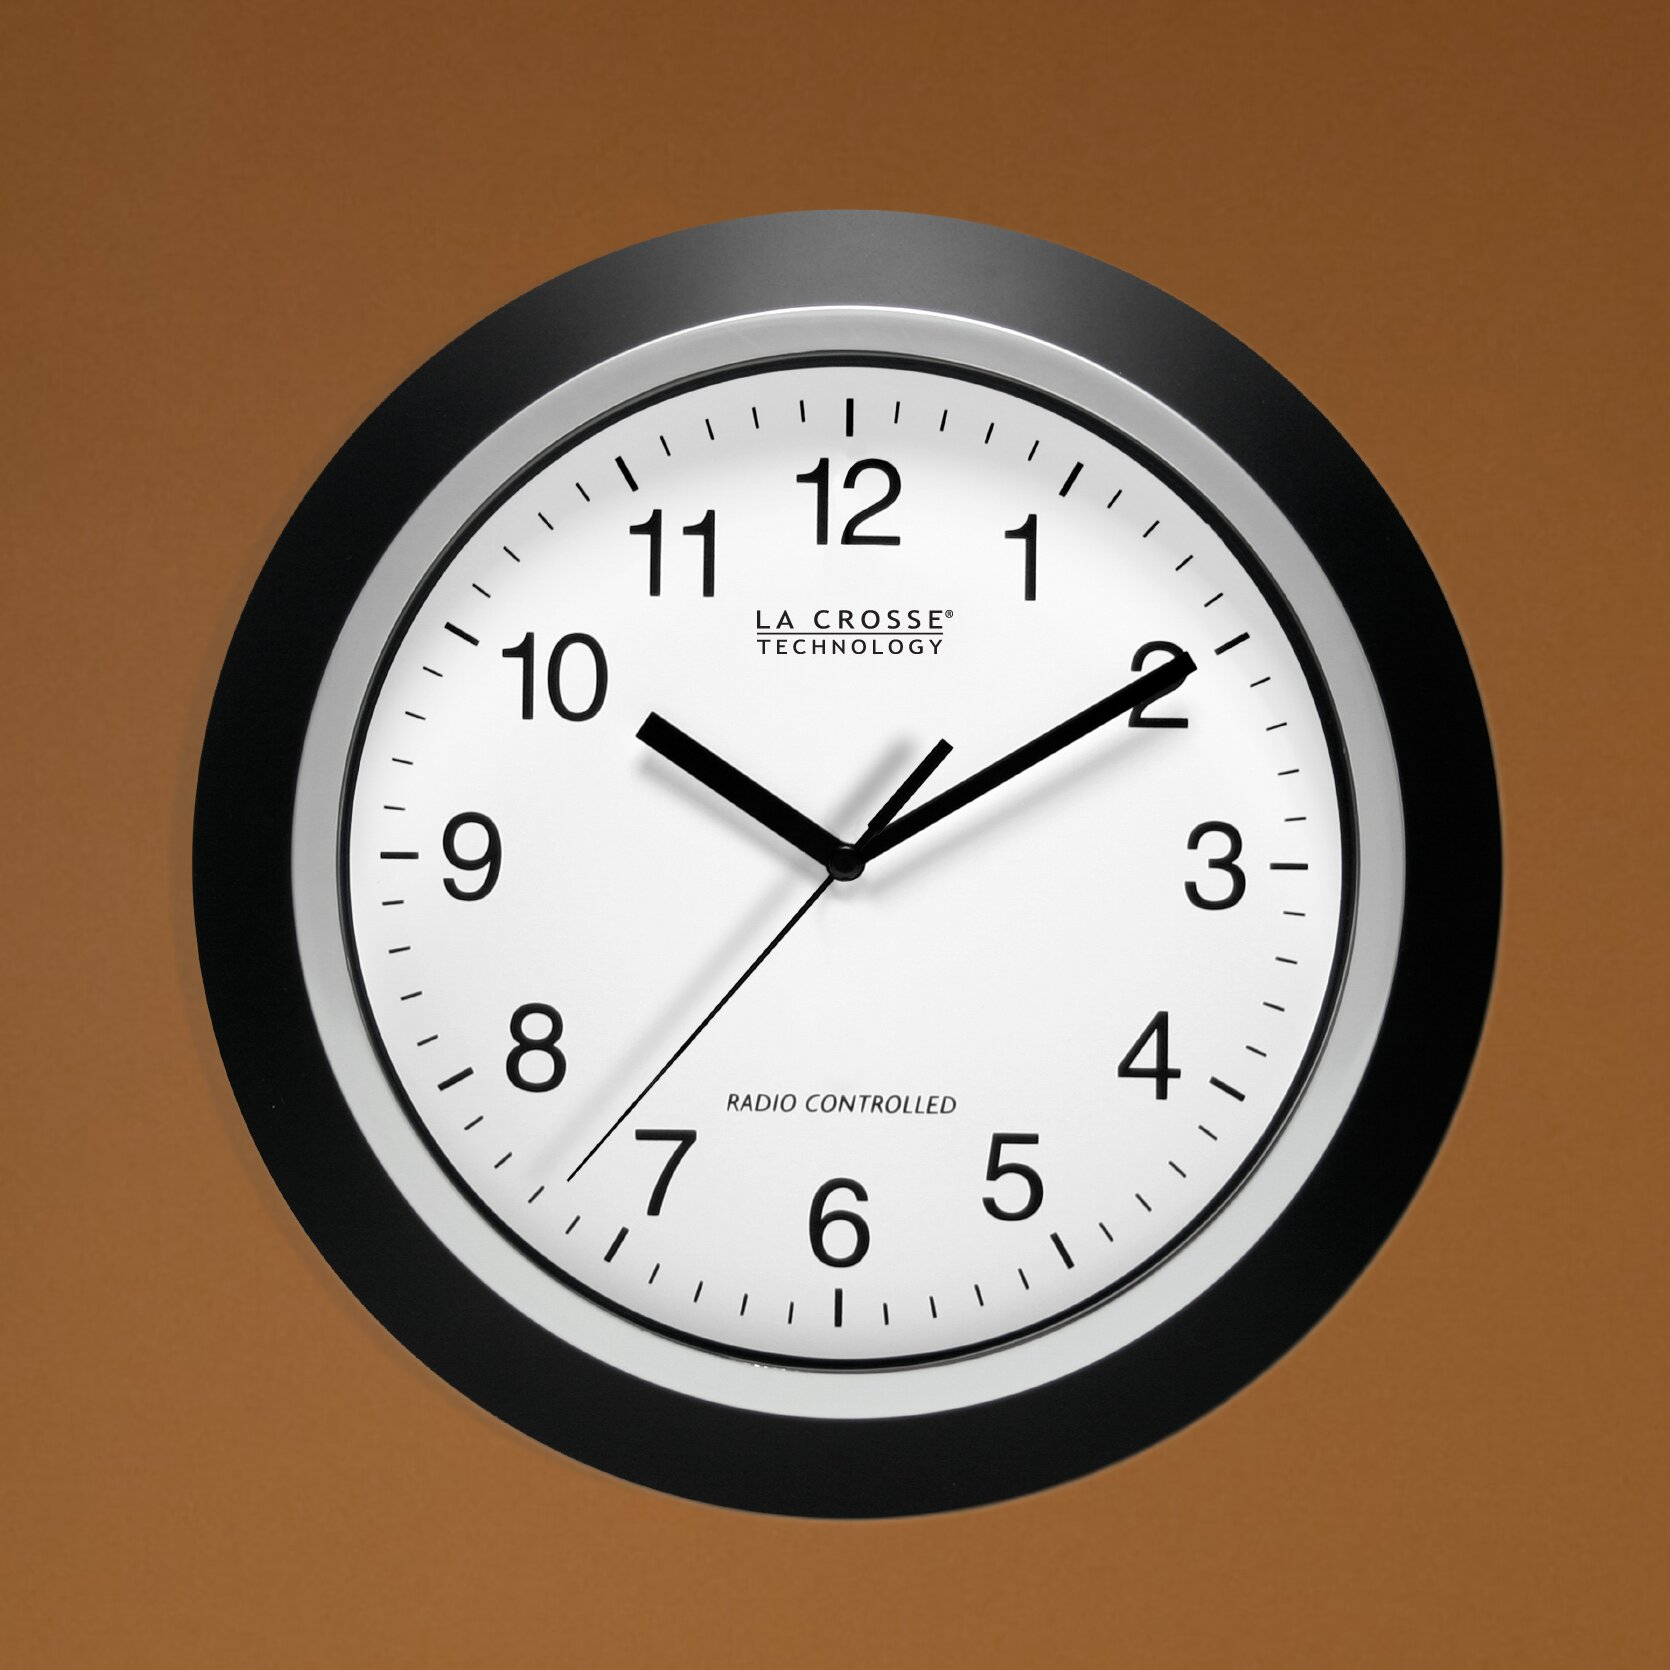 La Crosse Technology 11 5 Atomic Analogue Wall Clock